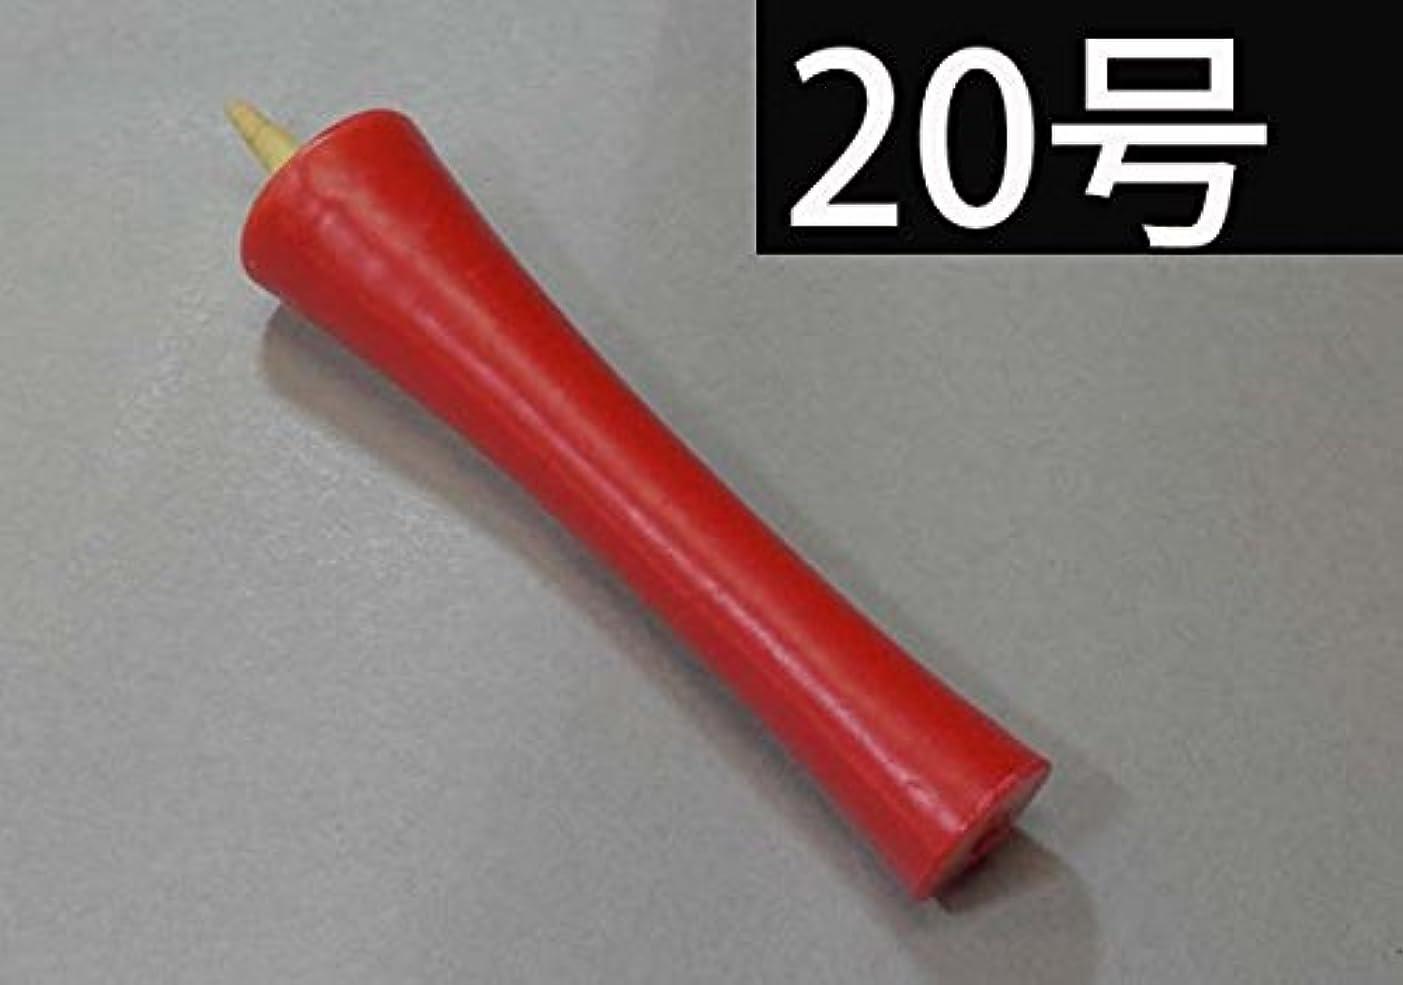 エンジニアリング神話気怠い和ろうそく 型和蝋燭 ローソク【朱】 イカリ 20号 朱色 6本入り 約17センチ 約3時間30分燃焼